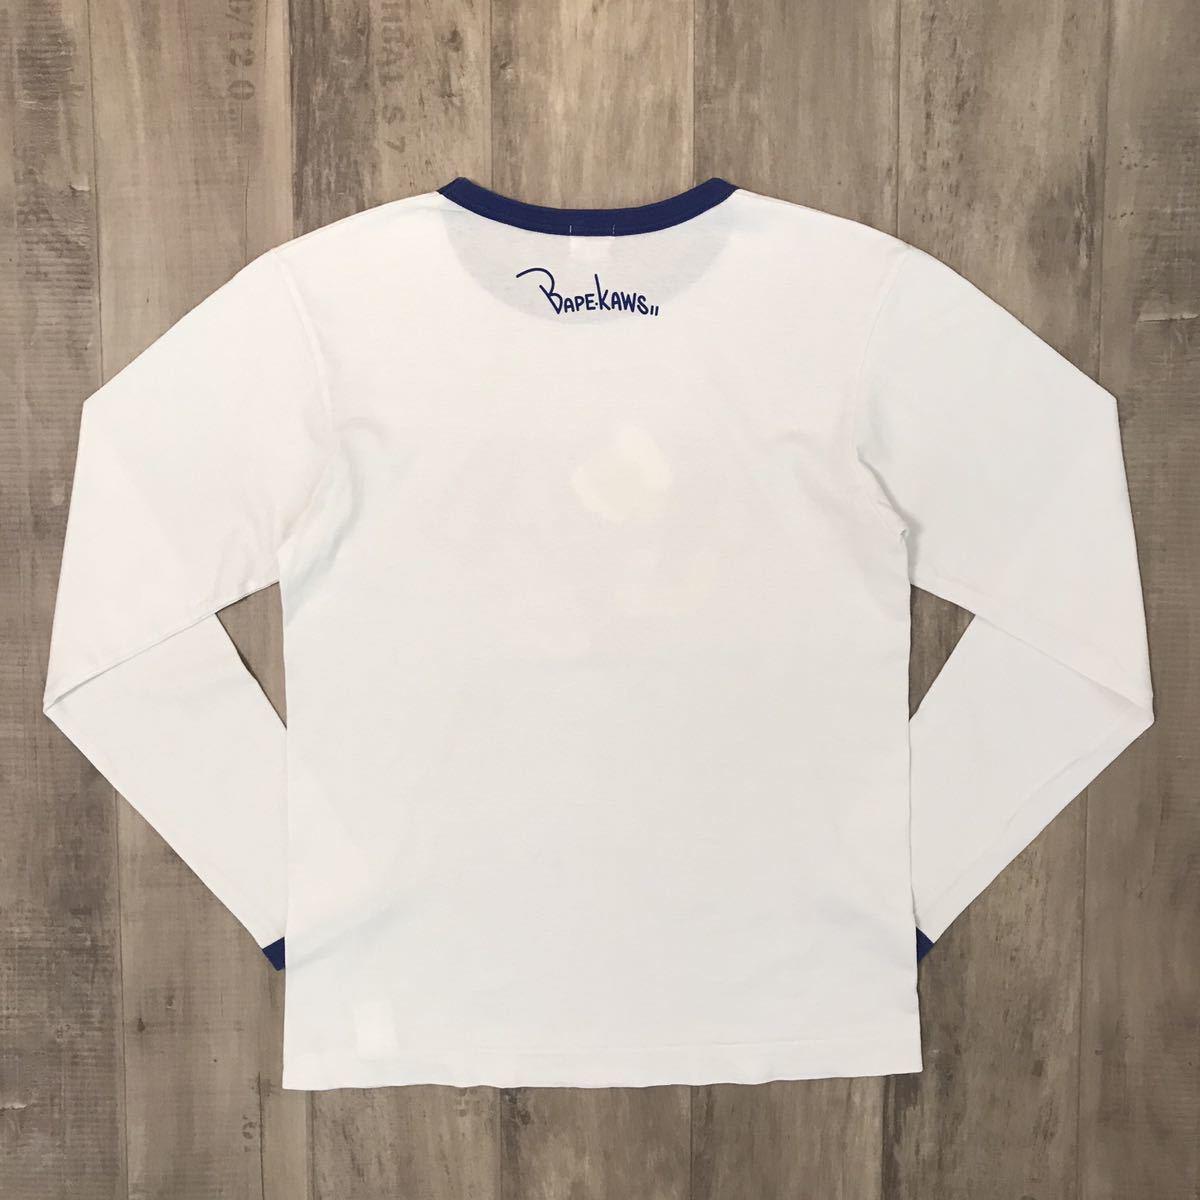 ★激レア★ kaws bendy BA logo 長袖 Tシャツ Mサイズ a bathing ape bape カウズ エイプ ベイプ アベイシングエイプ nigo 6363